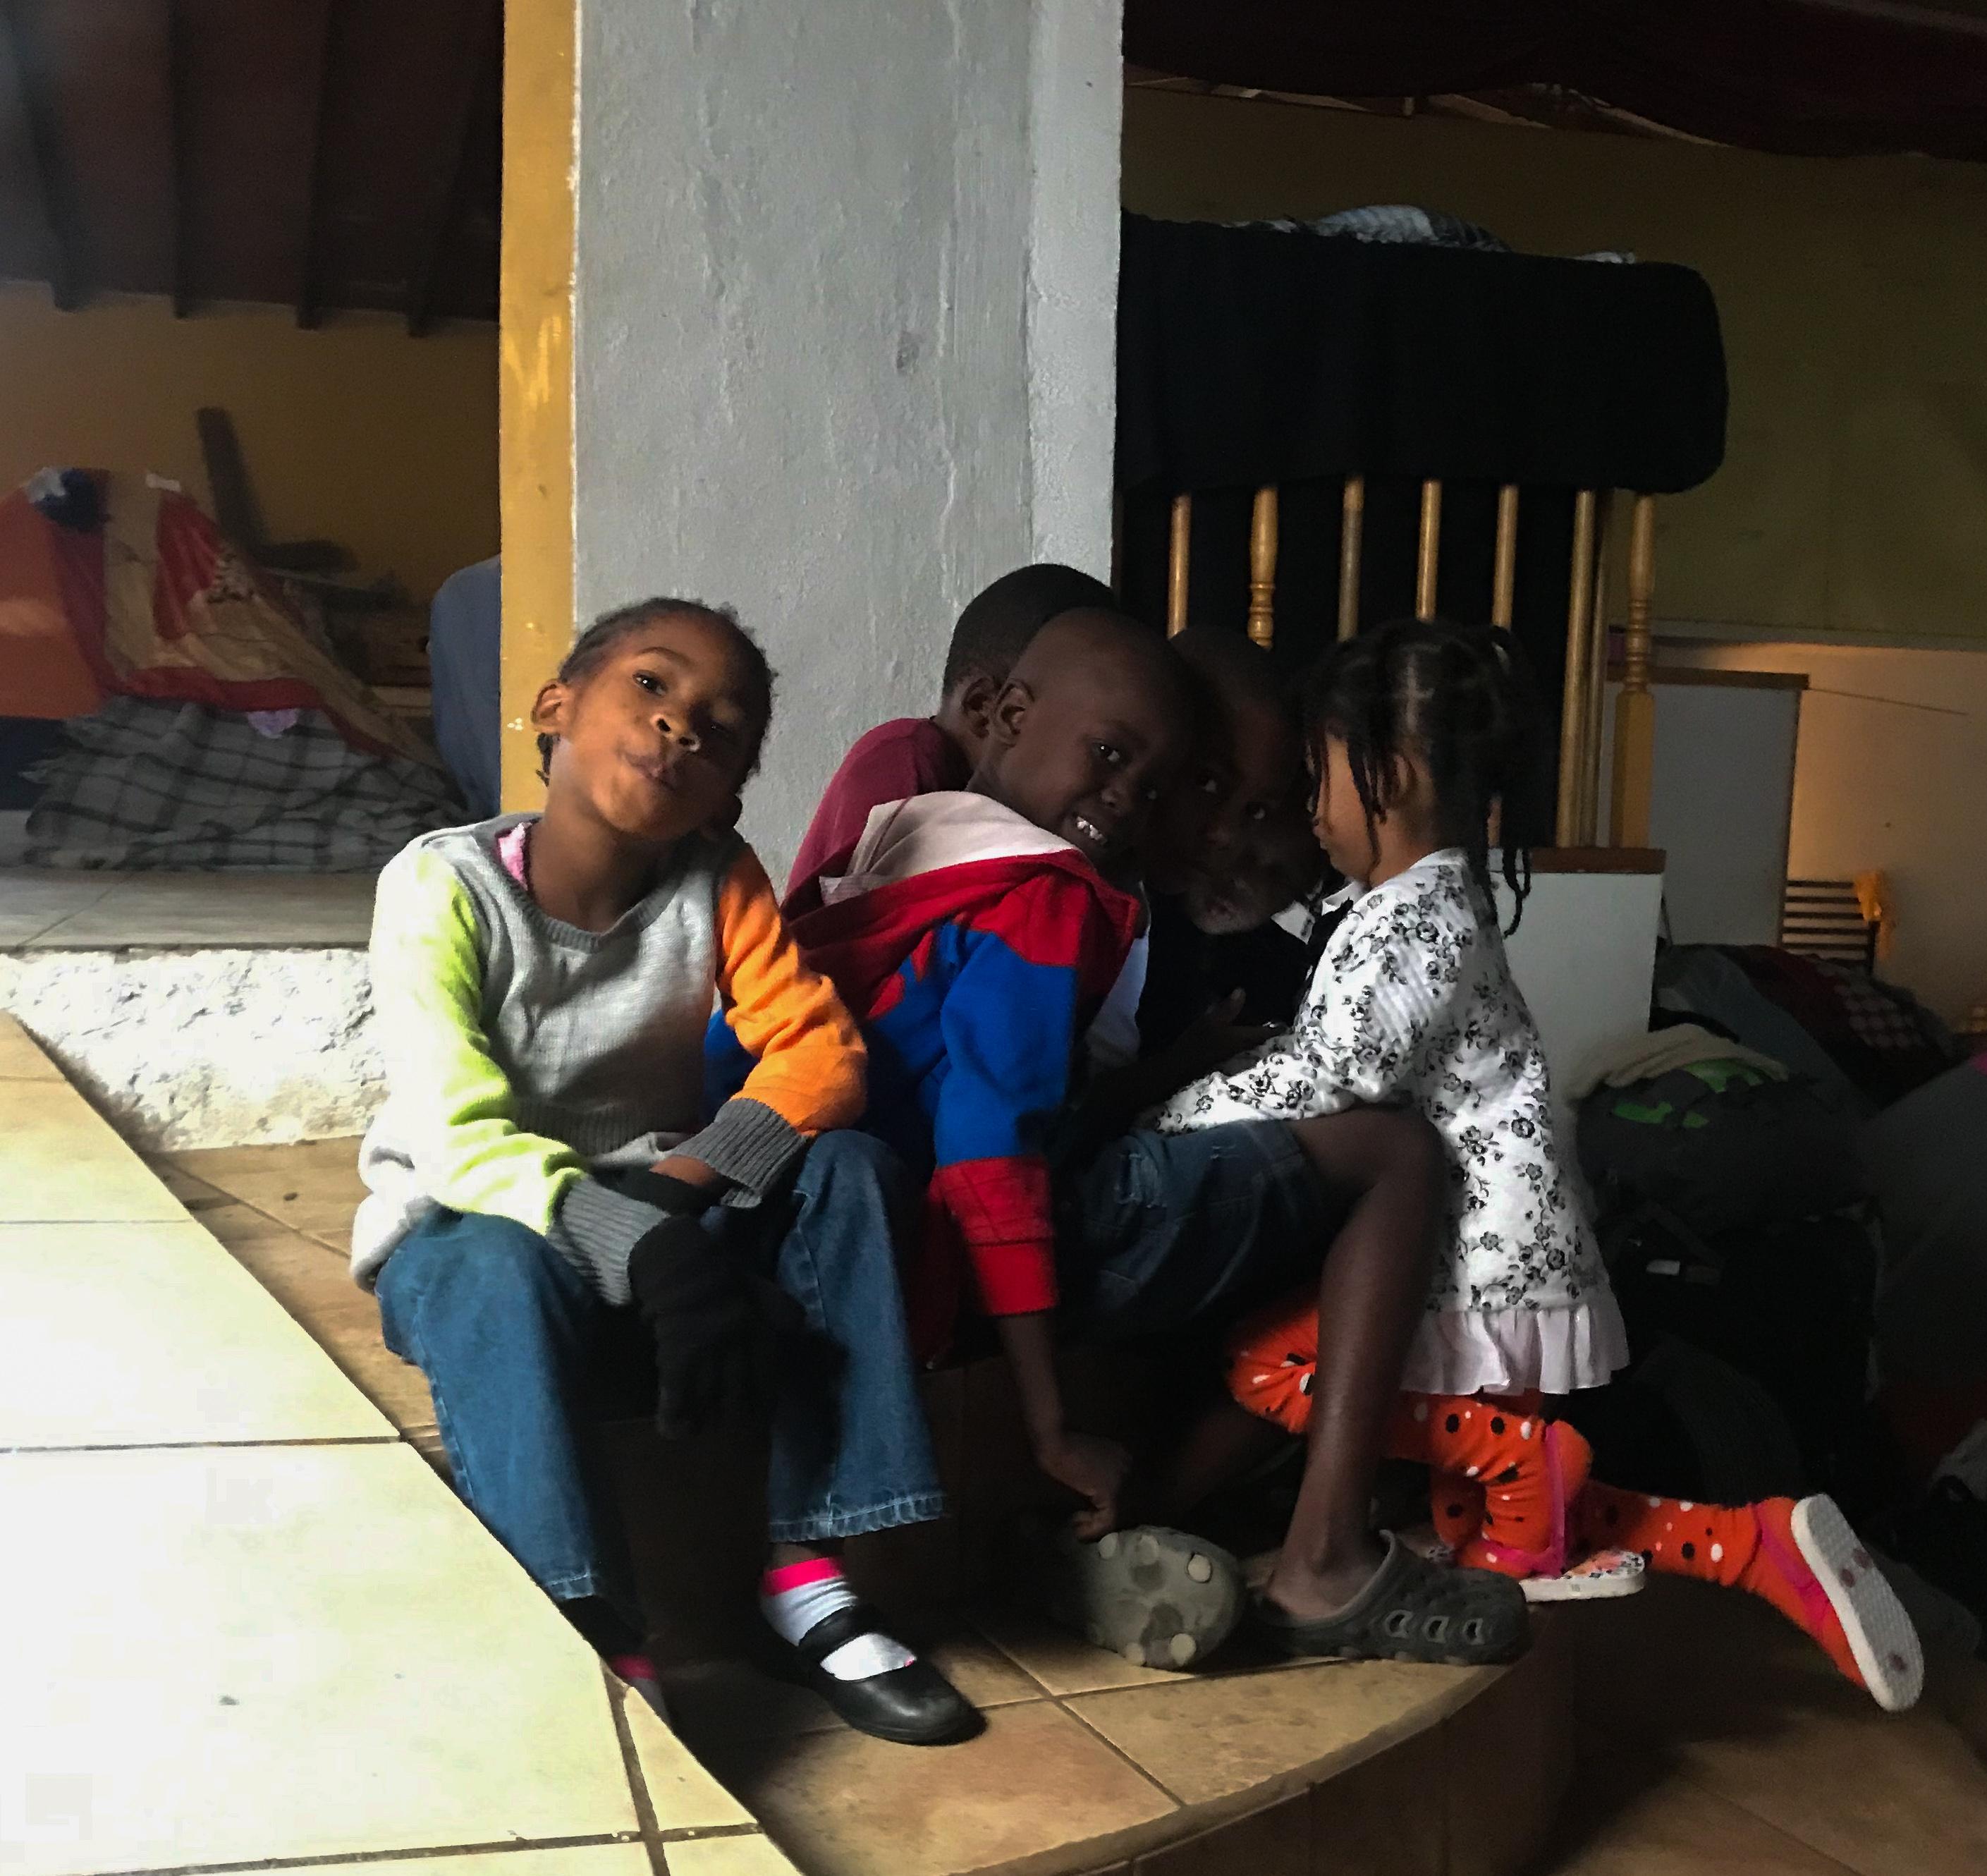 Después de la comida, los niños veían una caricatura en el celular de uno de sus mamás.